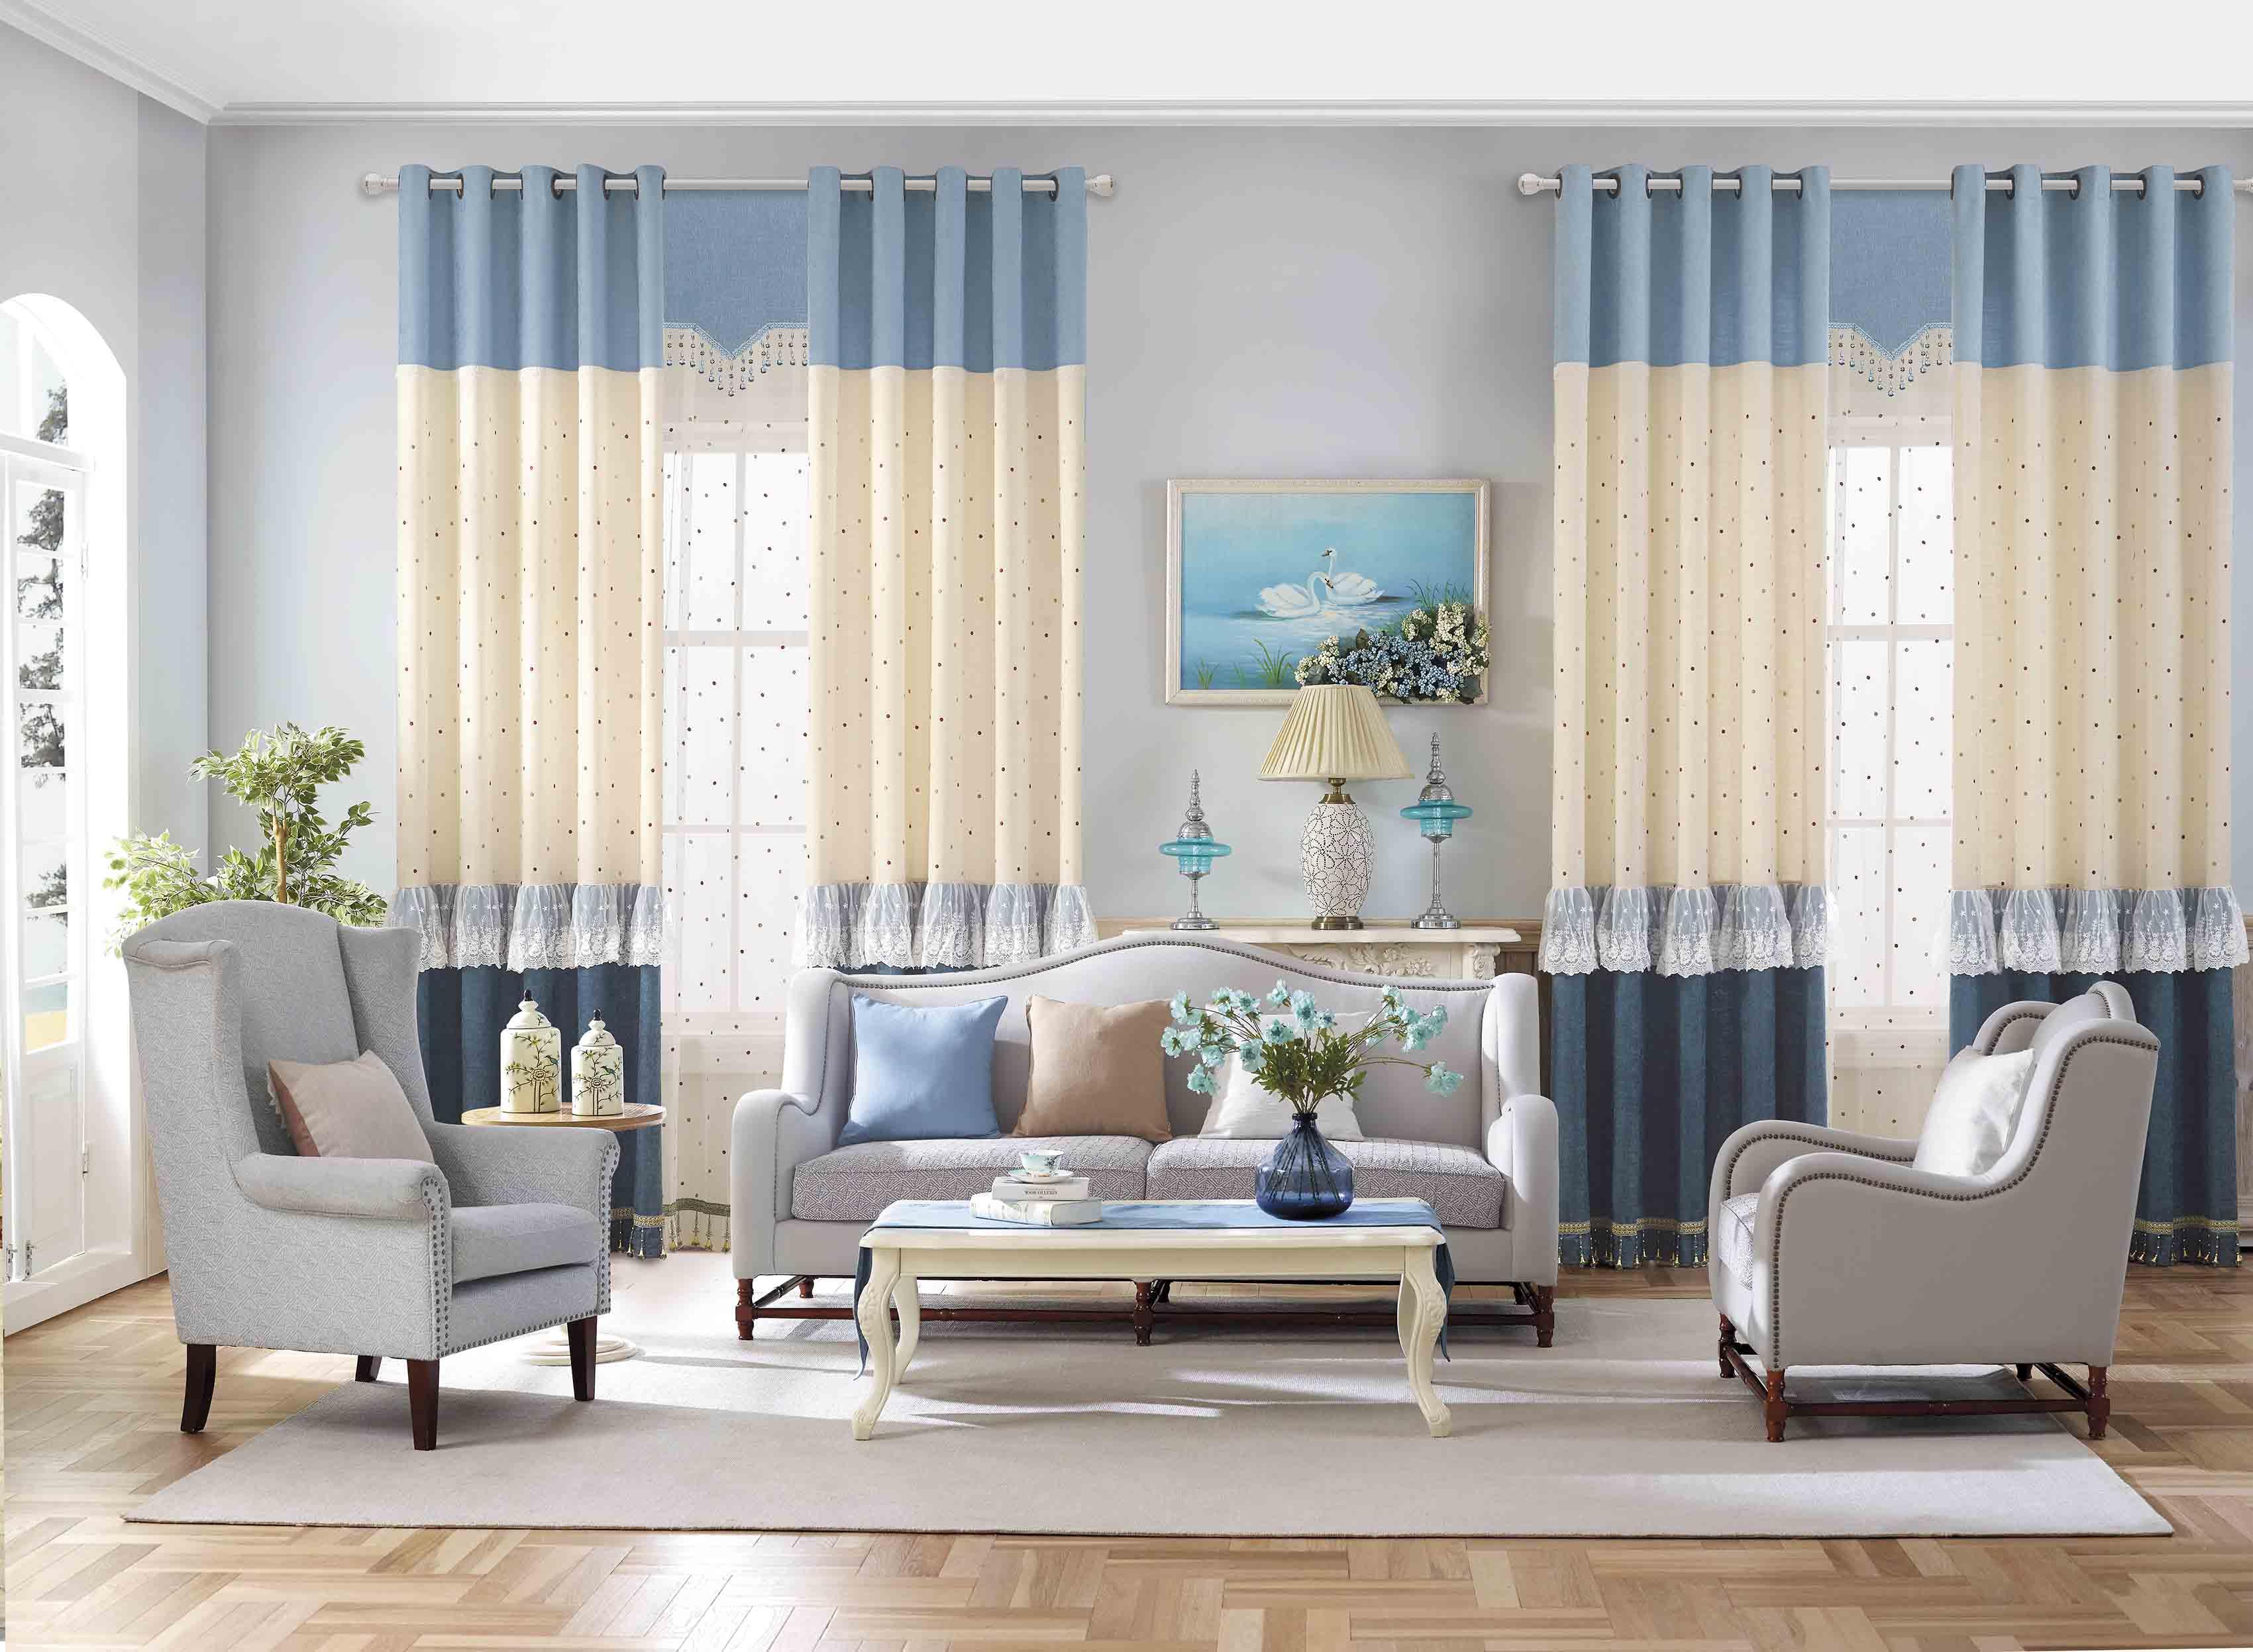 简约现代欧式卧室客厅温馨豪华高档遮阳隔热防晒落地窗帘纱帘